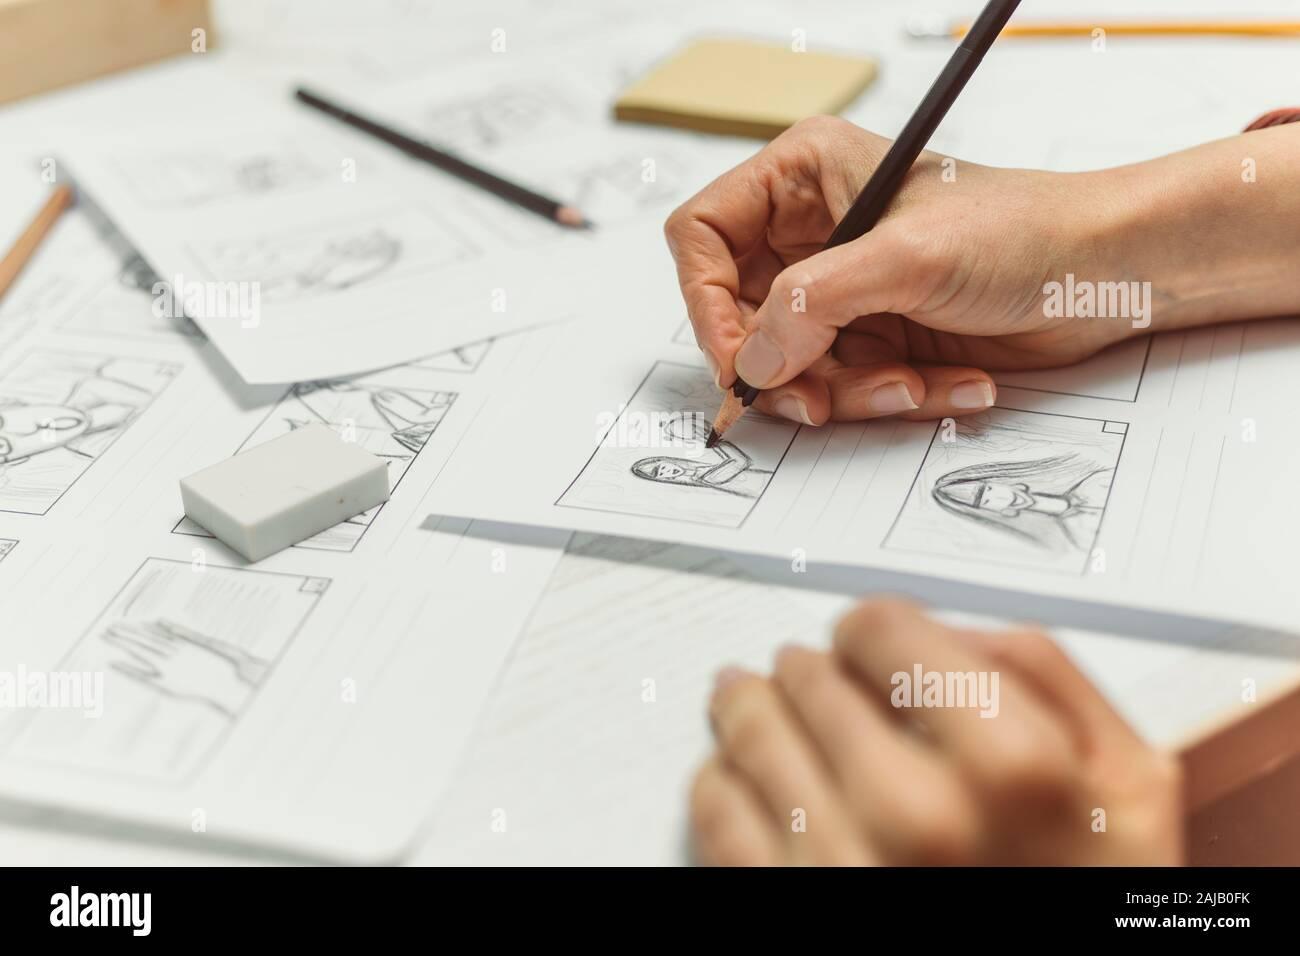 La main de la femme dessine un storyboard pour un film ou un dessin animé. Banque D'Images